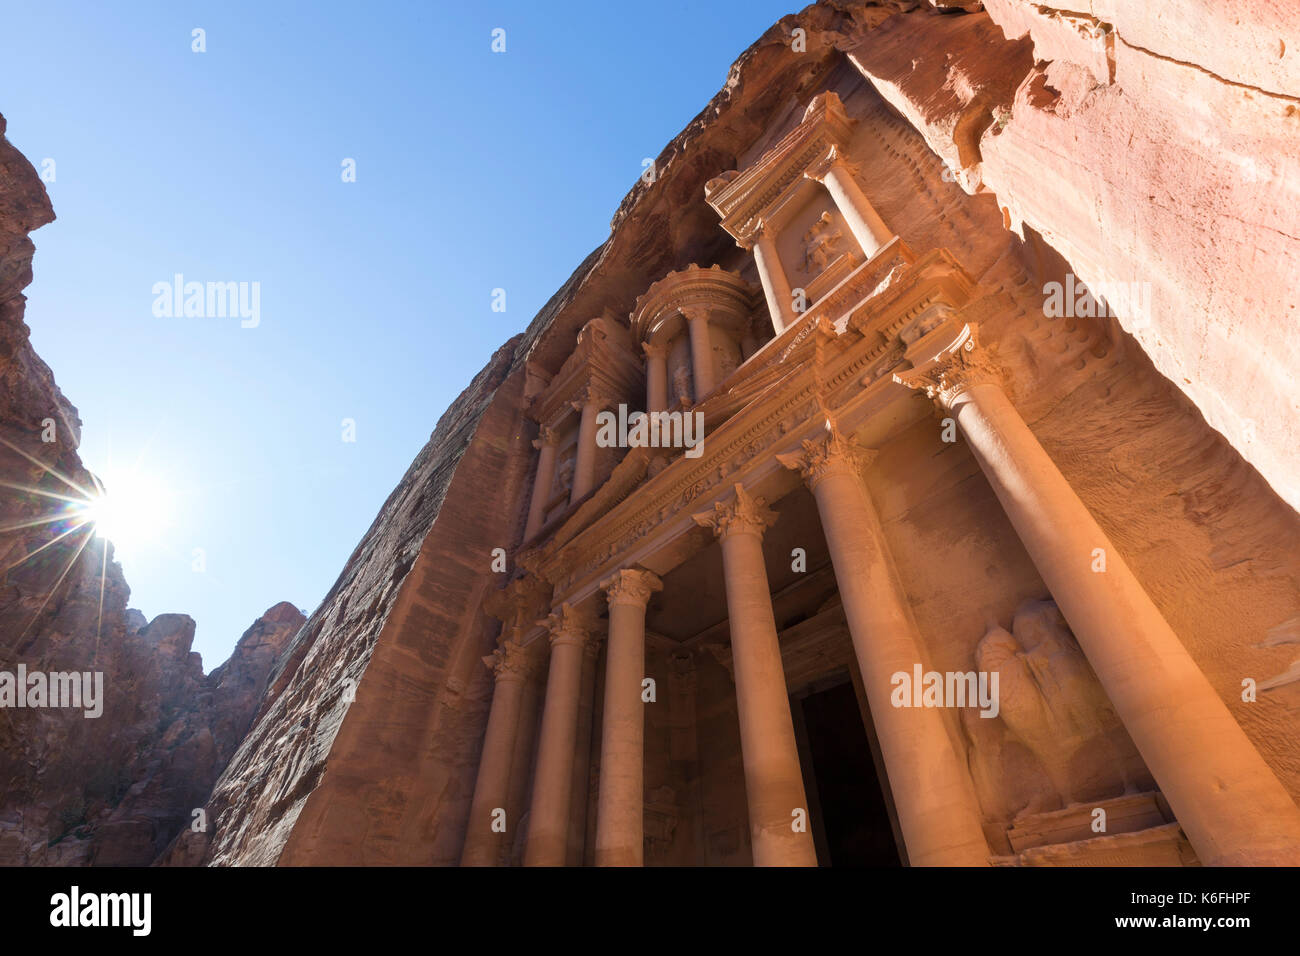 Al khazneh o del tesoro di Petra, Giordania-- si tratta di un simbolo di Giordania, nonché la Giordania la più visitata attrazione turistica Immagini Stock